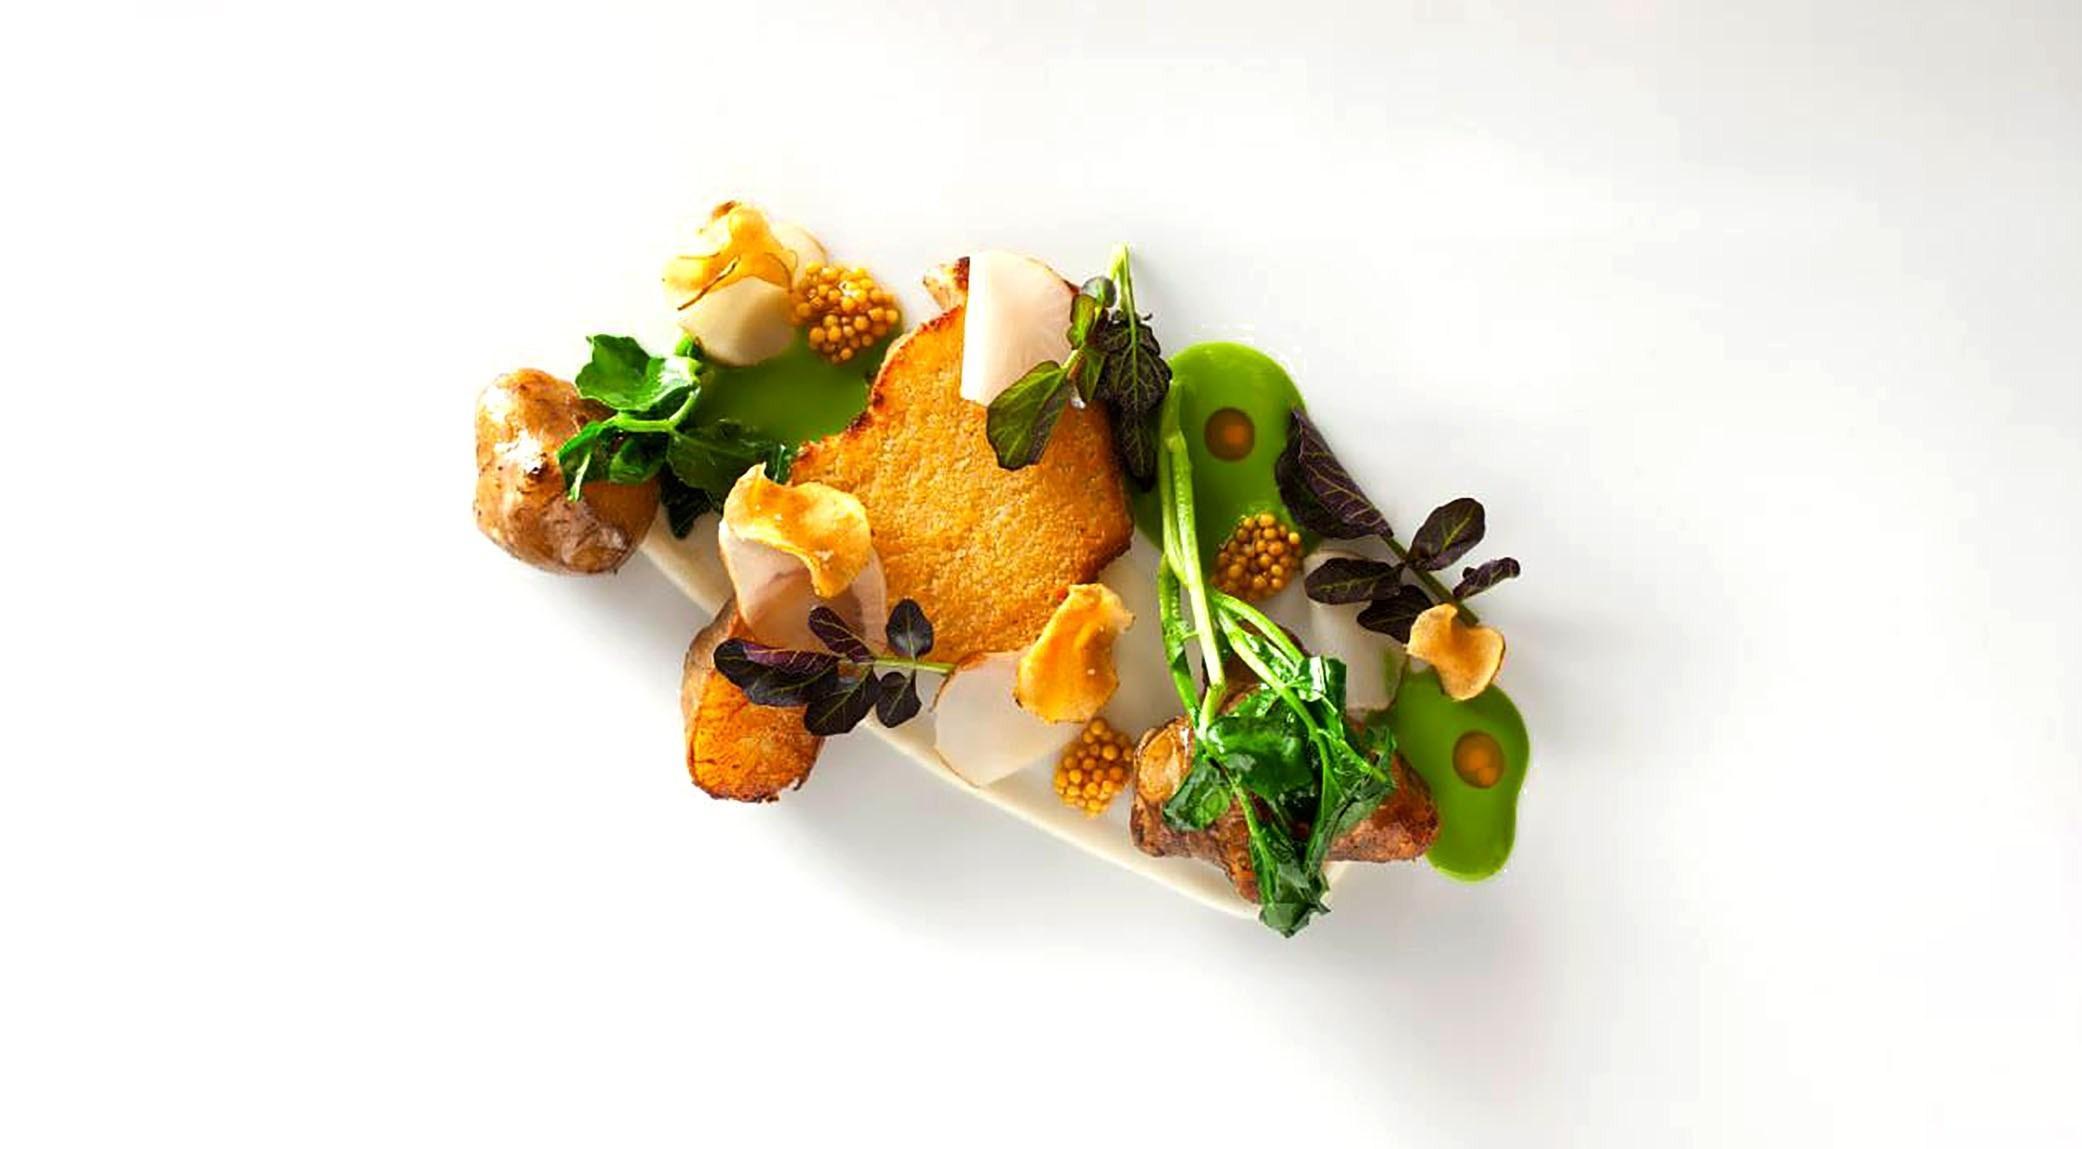 05-50-best-restaurants-lista-2015-eleven-madison-park-finedininglovers